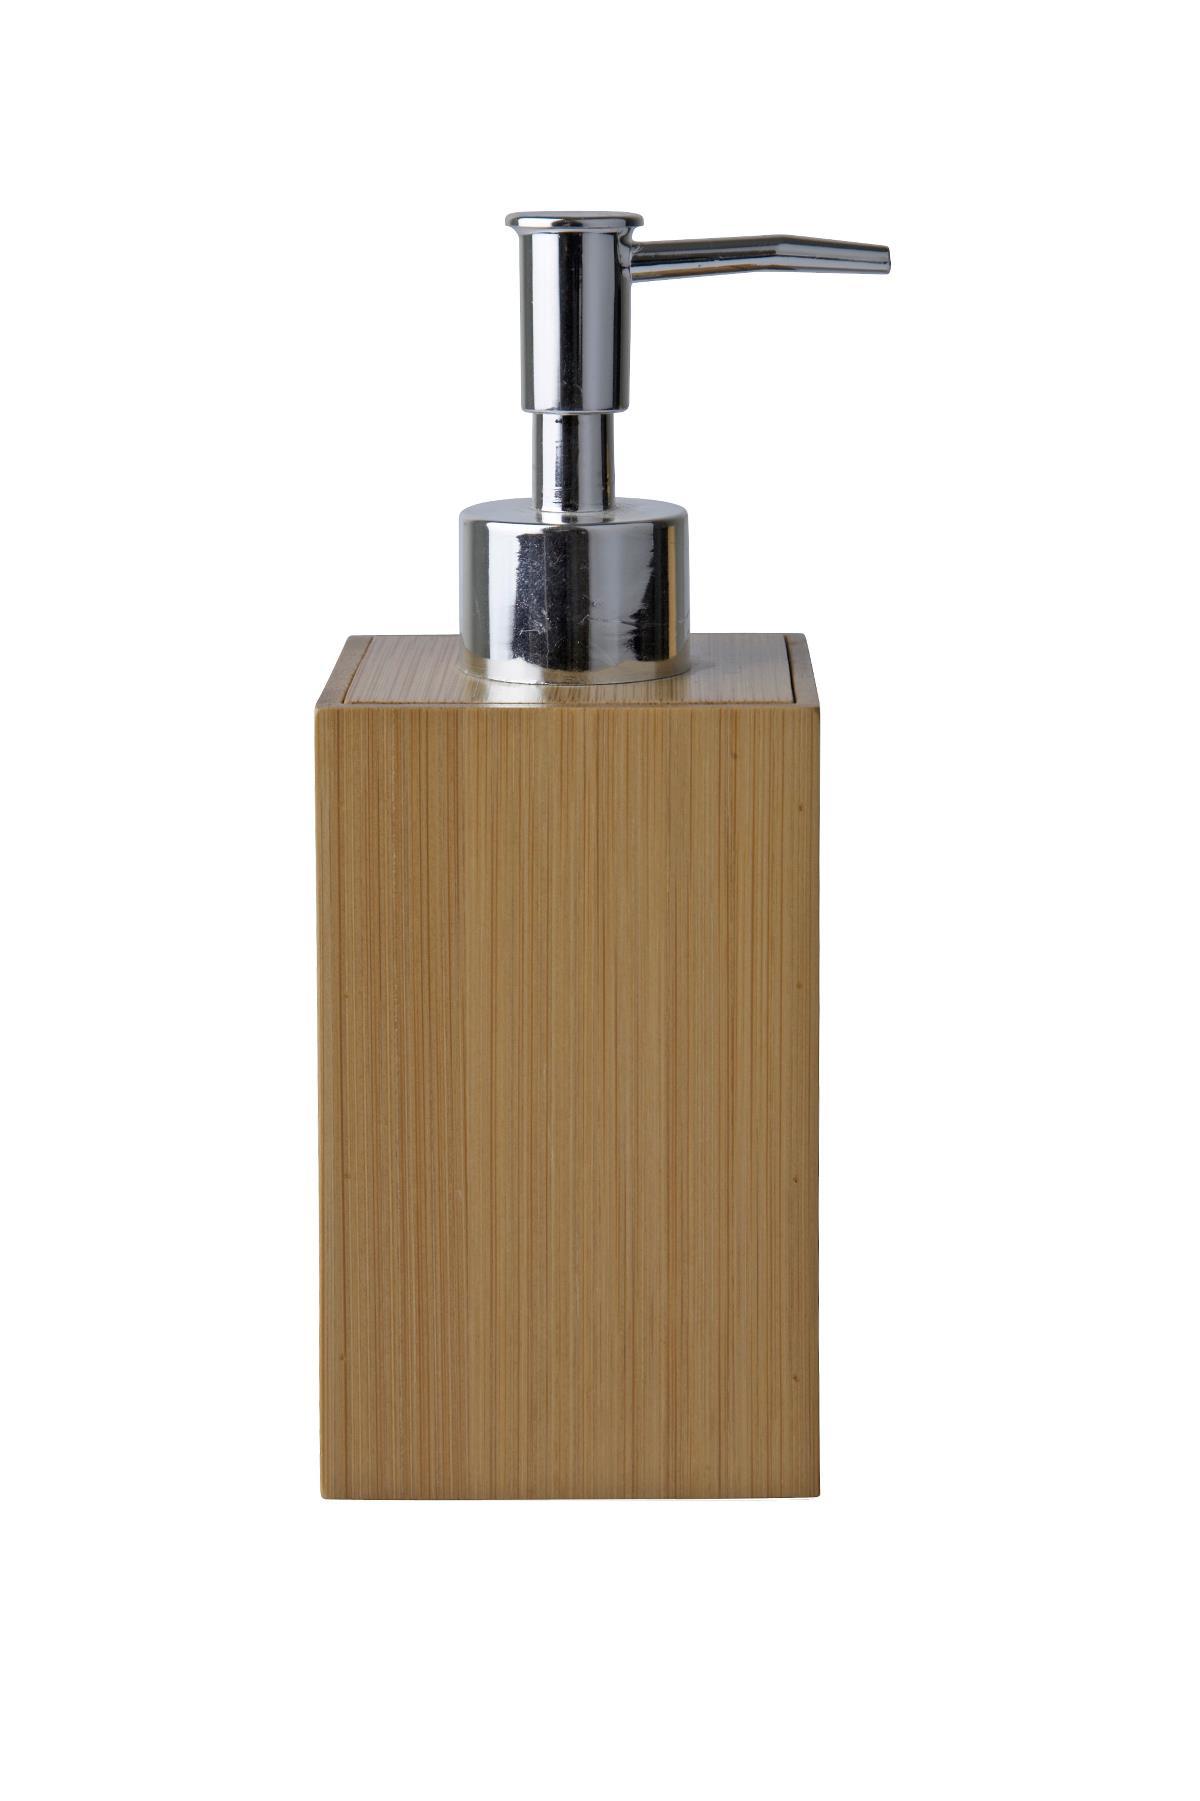 Dozator pentru sapun din bambus, Kj imagine